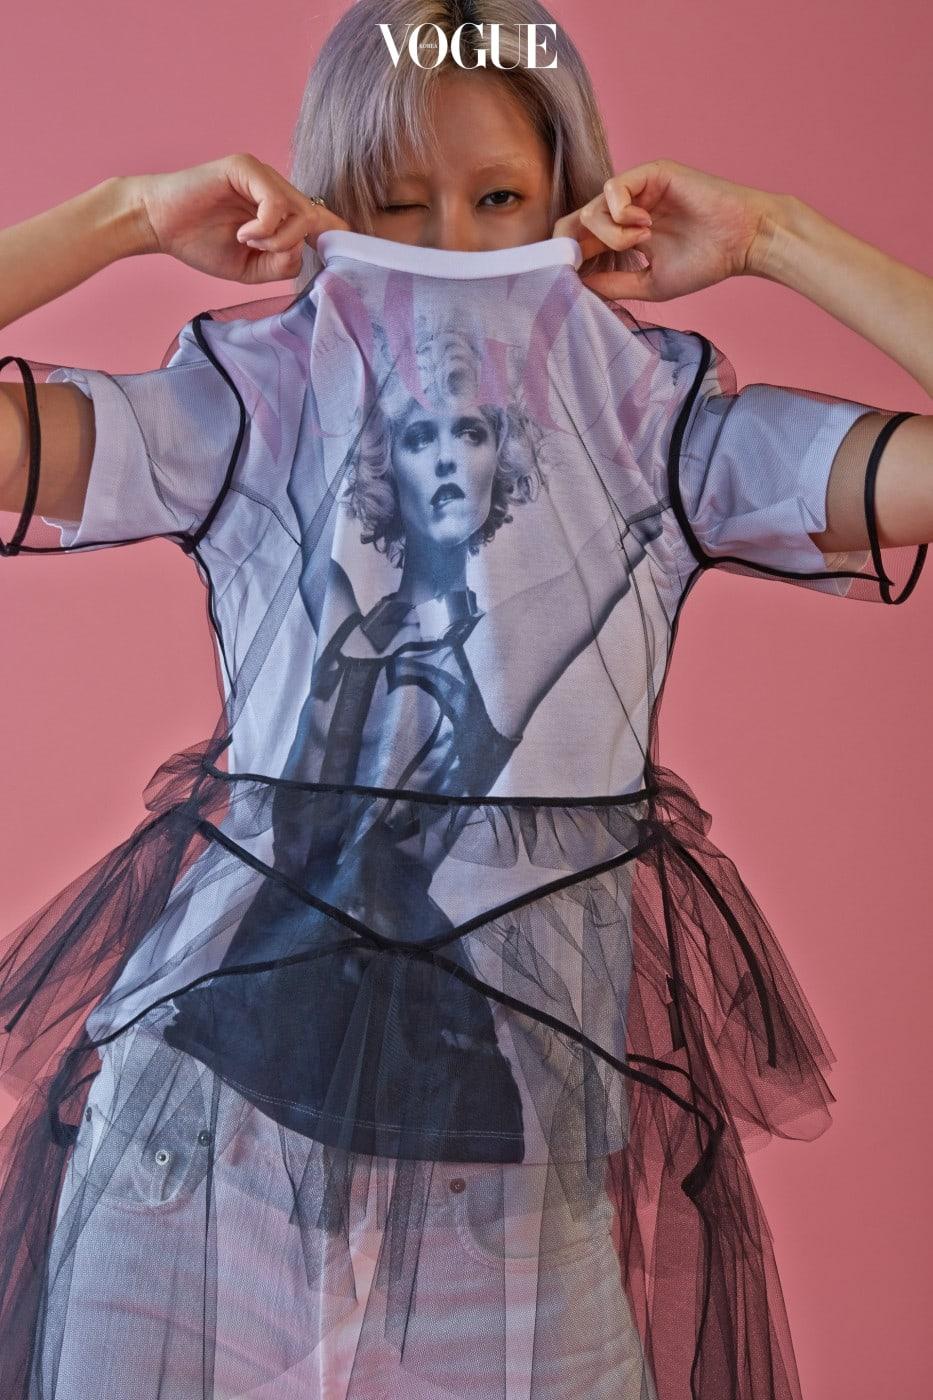 2009년 8월 커버 프린트, 검은색 튤 드레스를 조합한 티셔츠는 YCH, 화이트 데님은 캘빈 클라인 진(Calvin Klein Jeans).